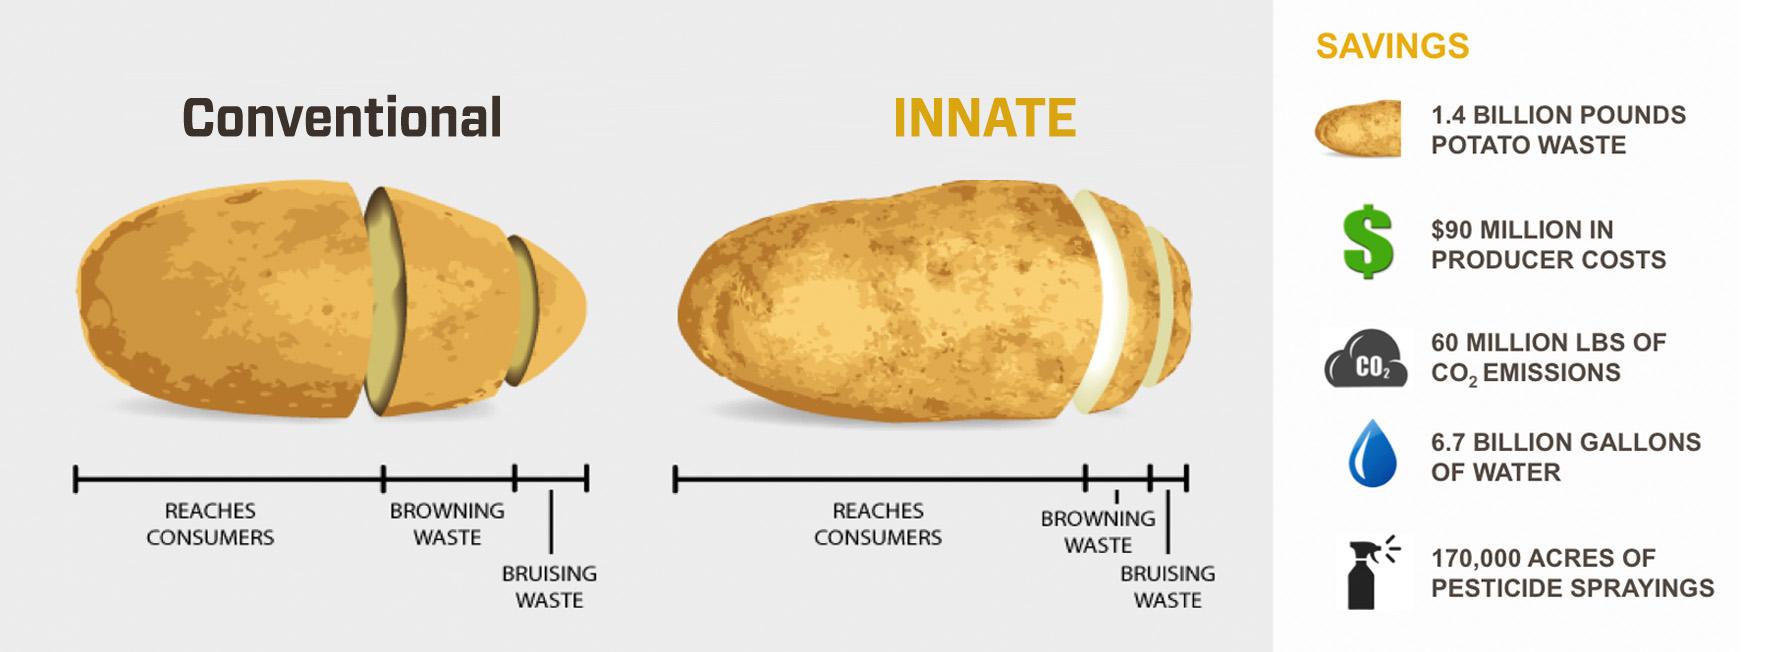 potato-infographic